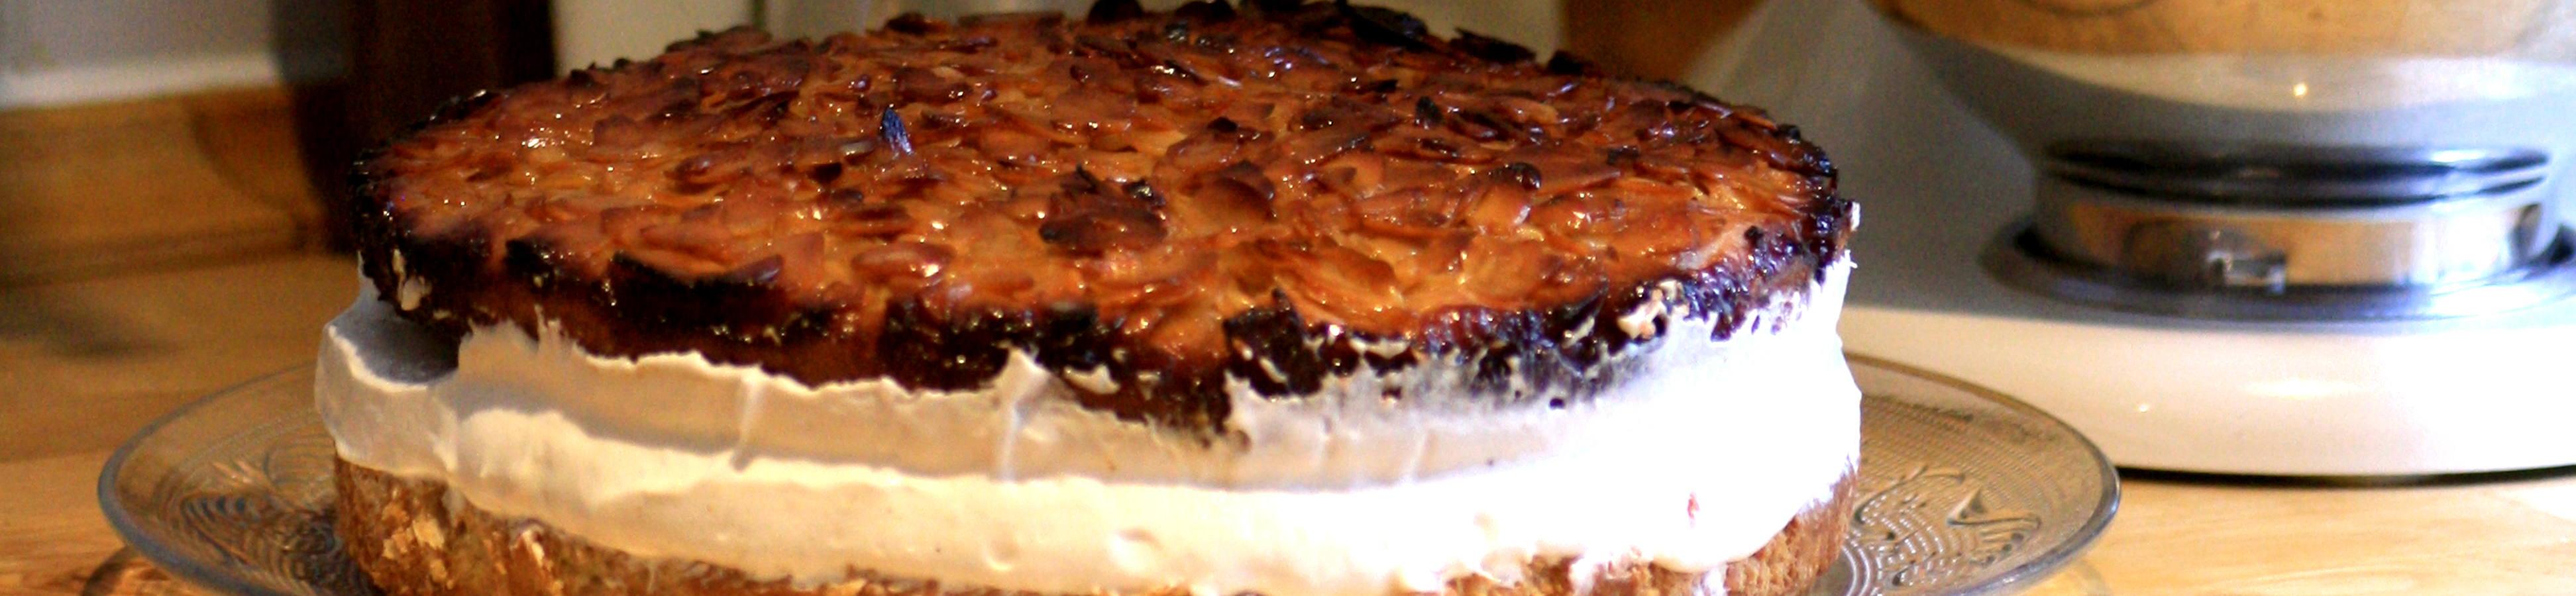 Bienenstich Kuchen Rezept